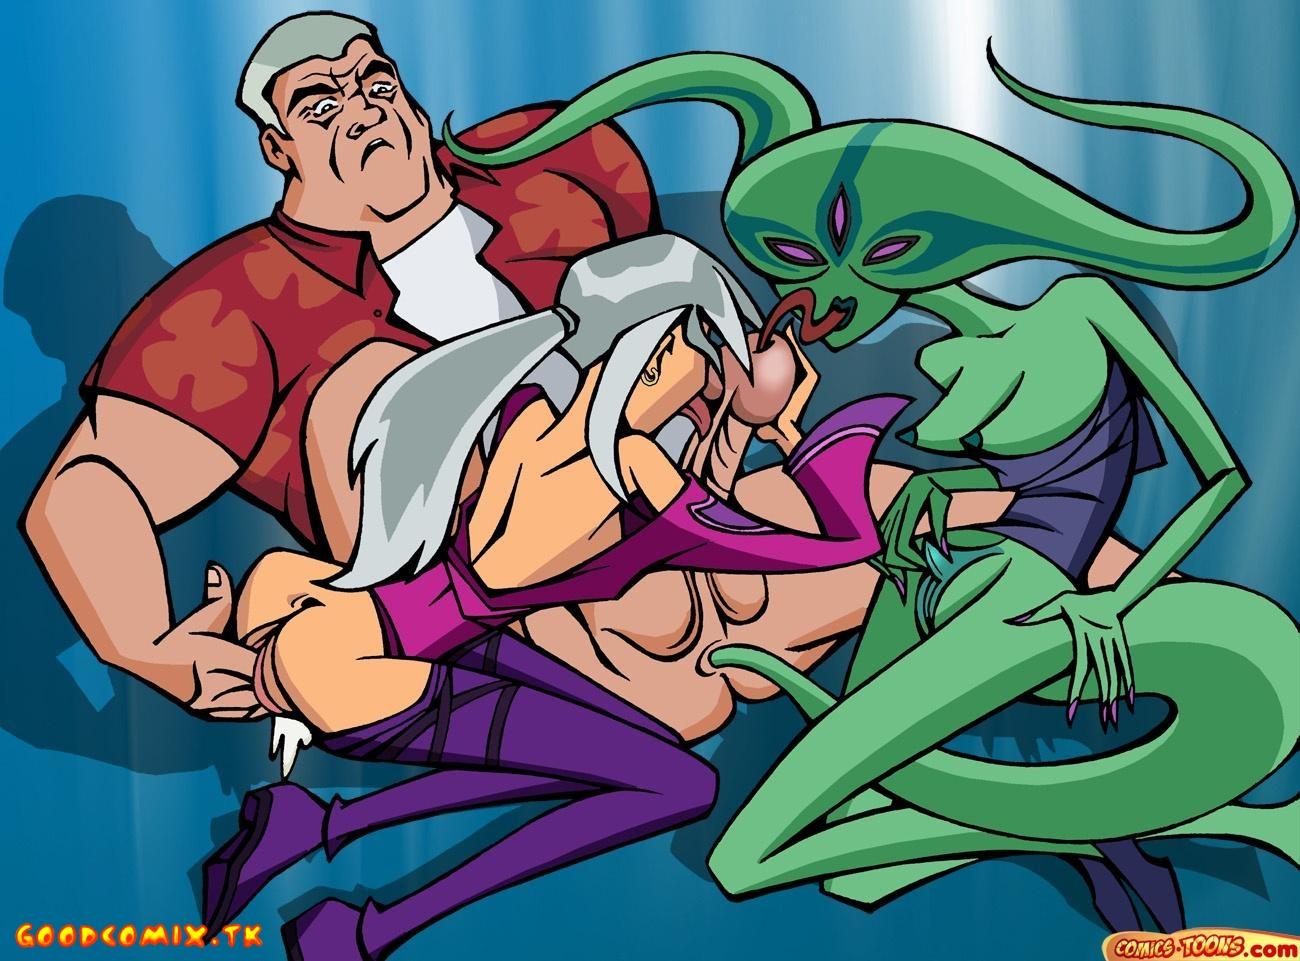 Goodcomix Ben 10 - [Comics-Toons] - One Family